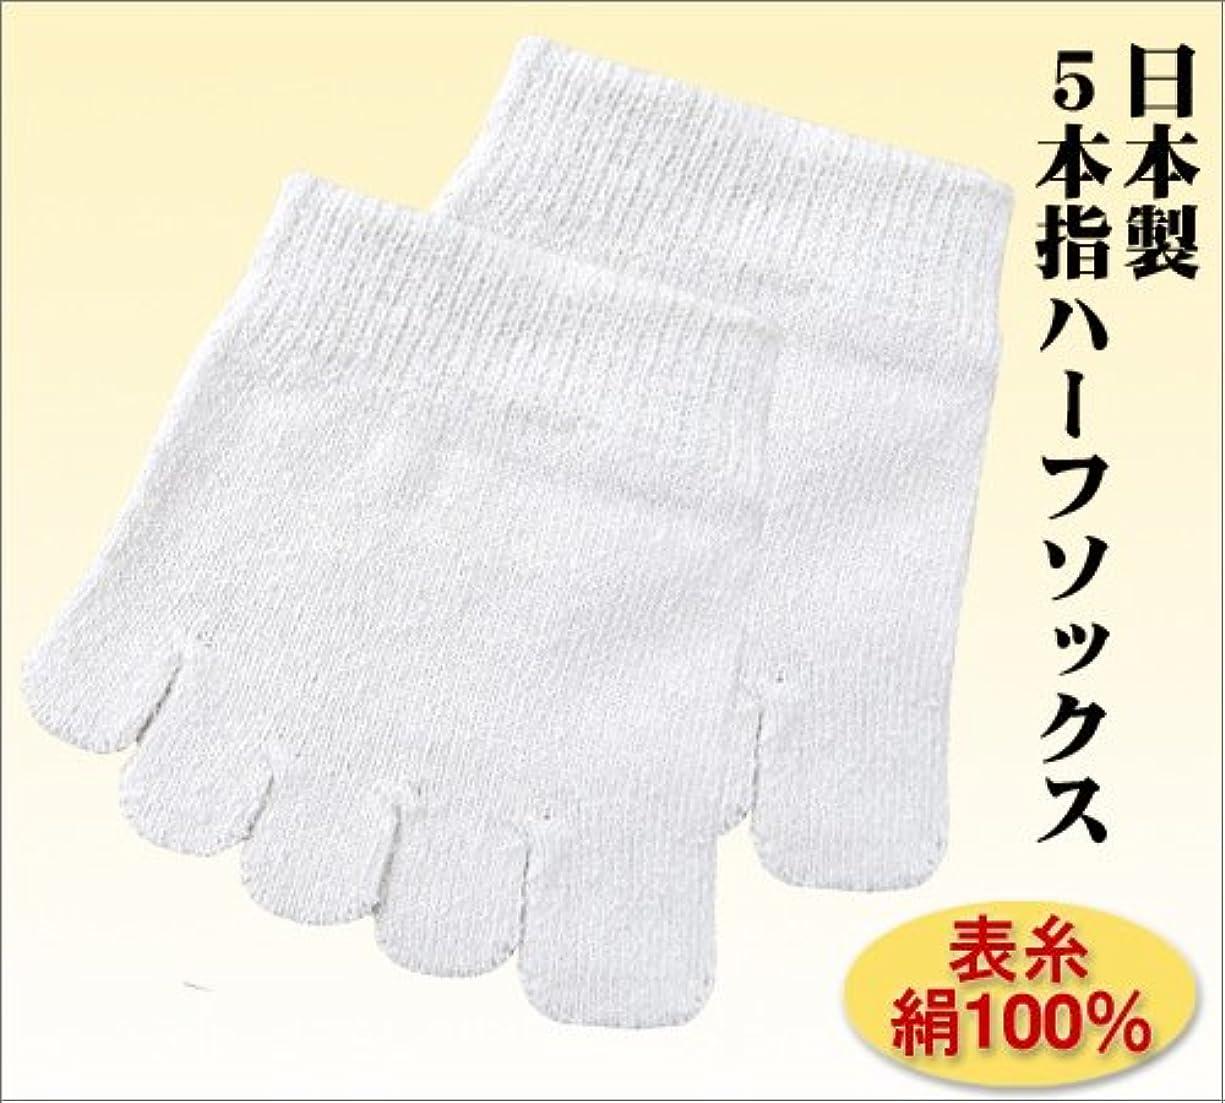 プラスイベント種日本製 天然シルク5本指ハーフソックス 表糸絹100% 快適な指先ソックス (紳士用 黒色2足組)